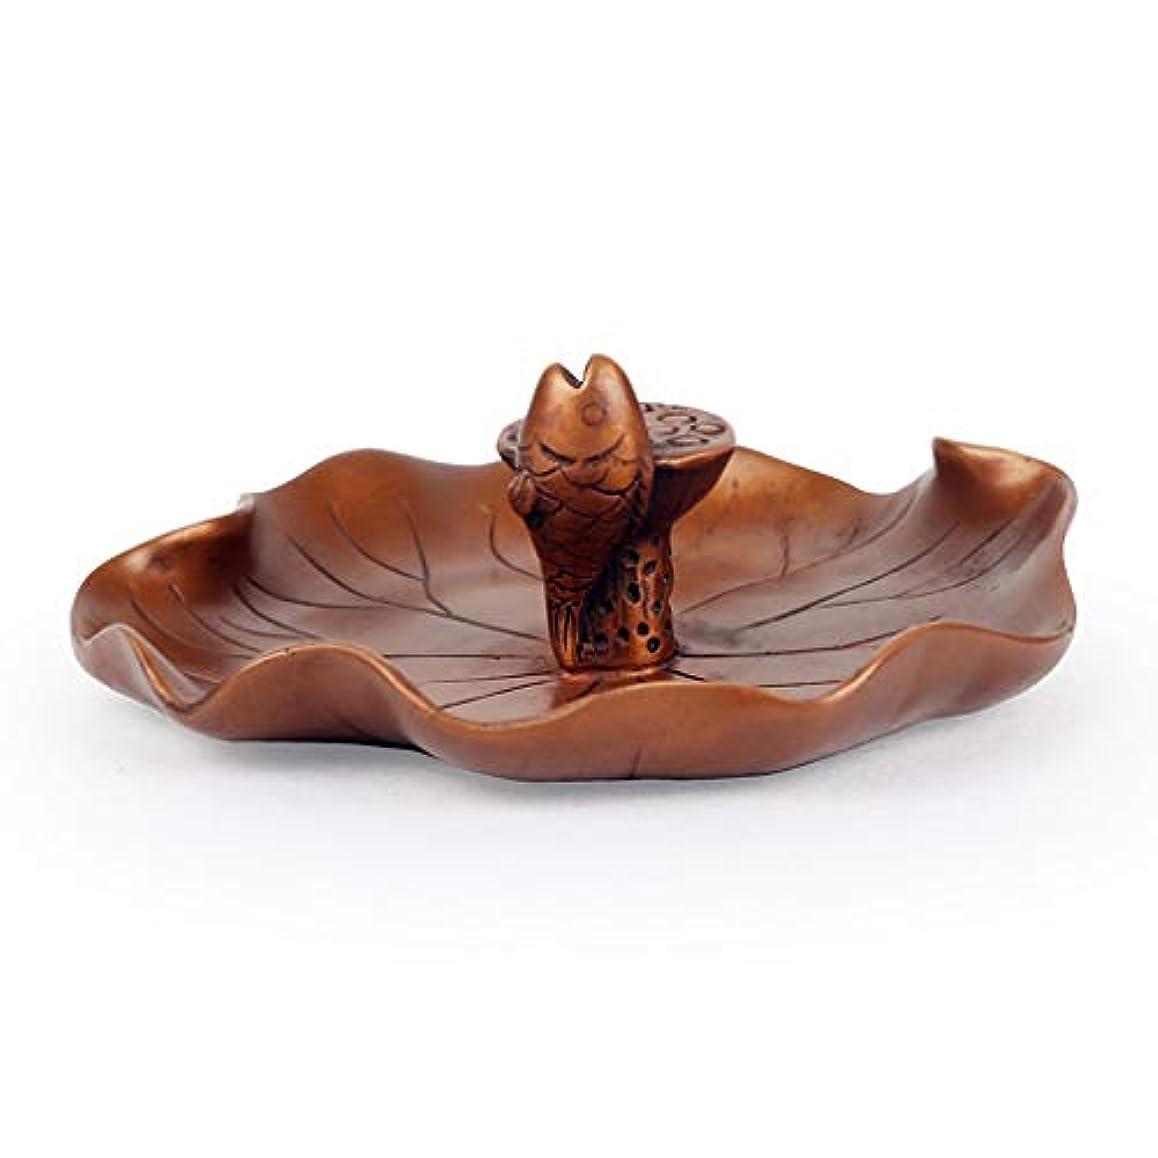 カーフ松ソロホームアロマバーナー 還流香炉ホーム香りの良い禅禅ラッキー鑑賞新しいクリエイティブアガーウッド香バーナー装飾 アロマバーナー (Color : Brass)